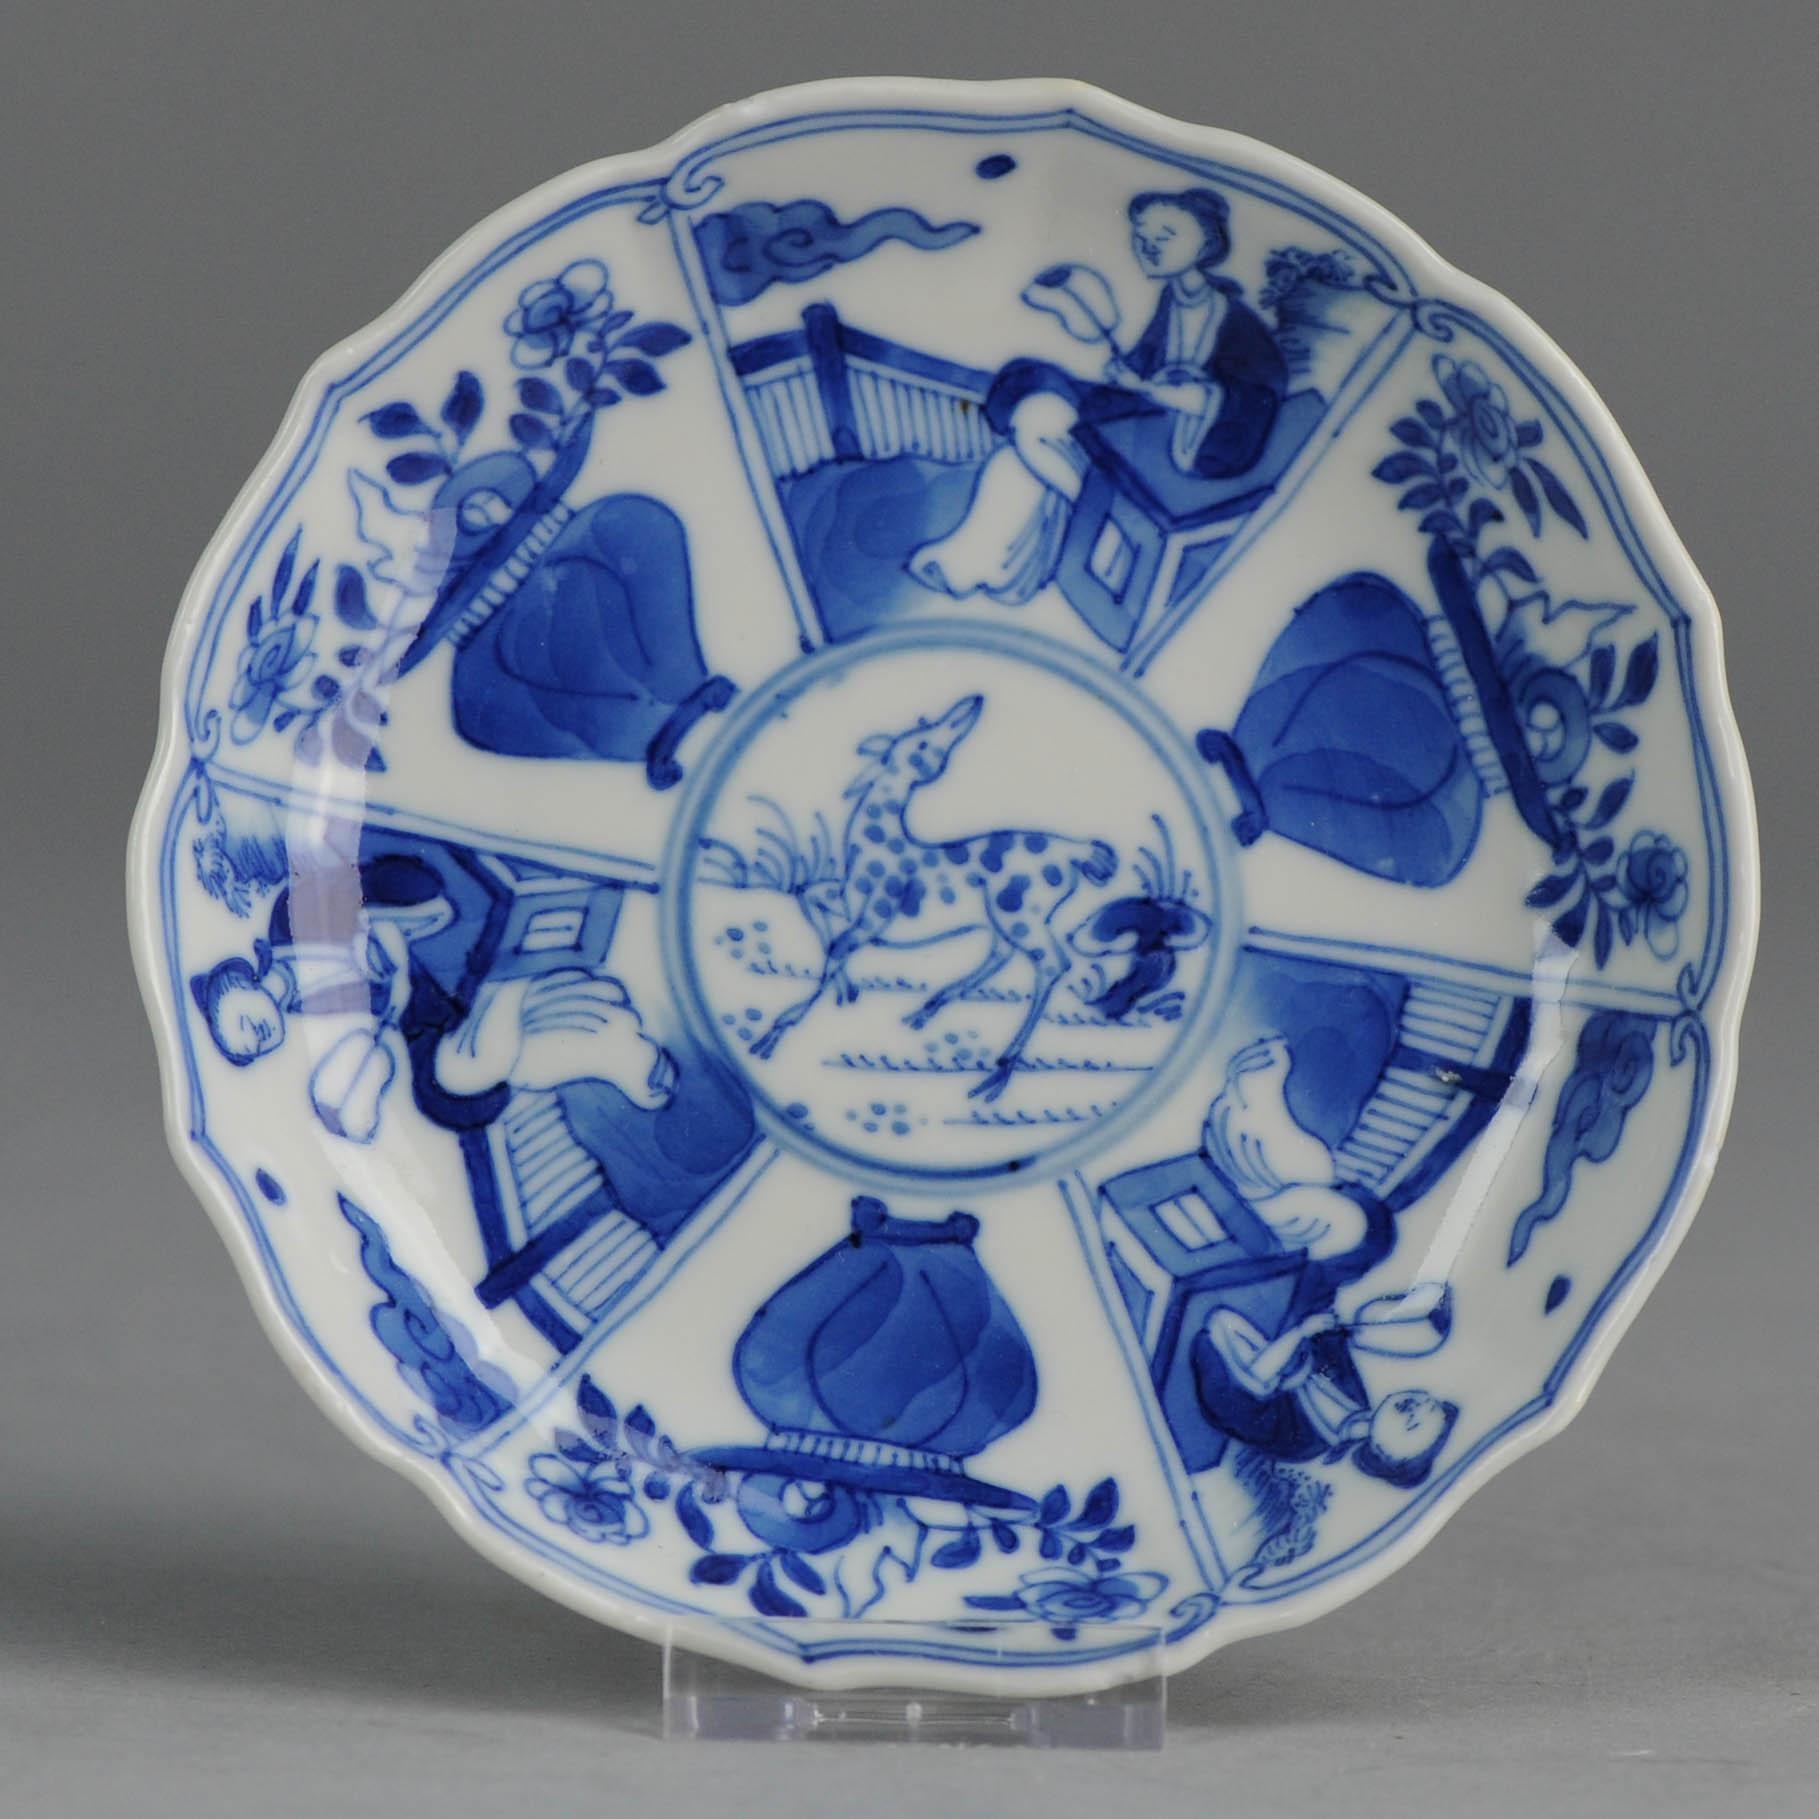 Antique 19c chinese porcelain tea bowl revival kangxi blue white antique 19c chinese porcelain tea bowl revival kangxi blue white china antique floridaeventfo Images